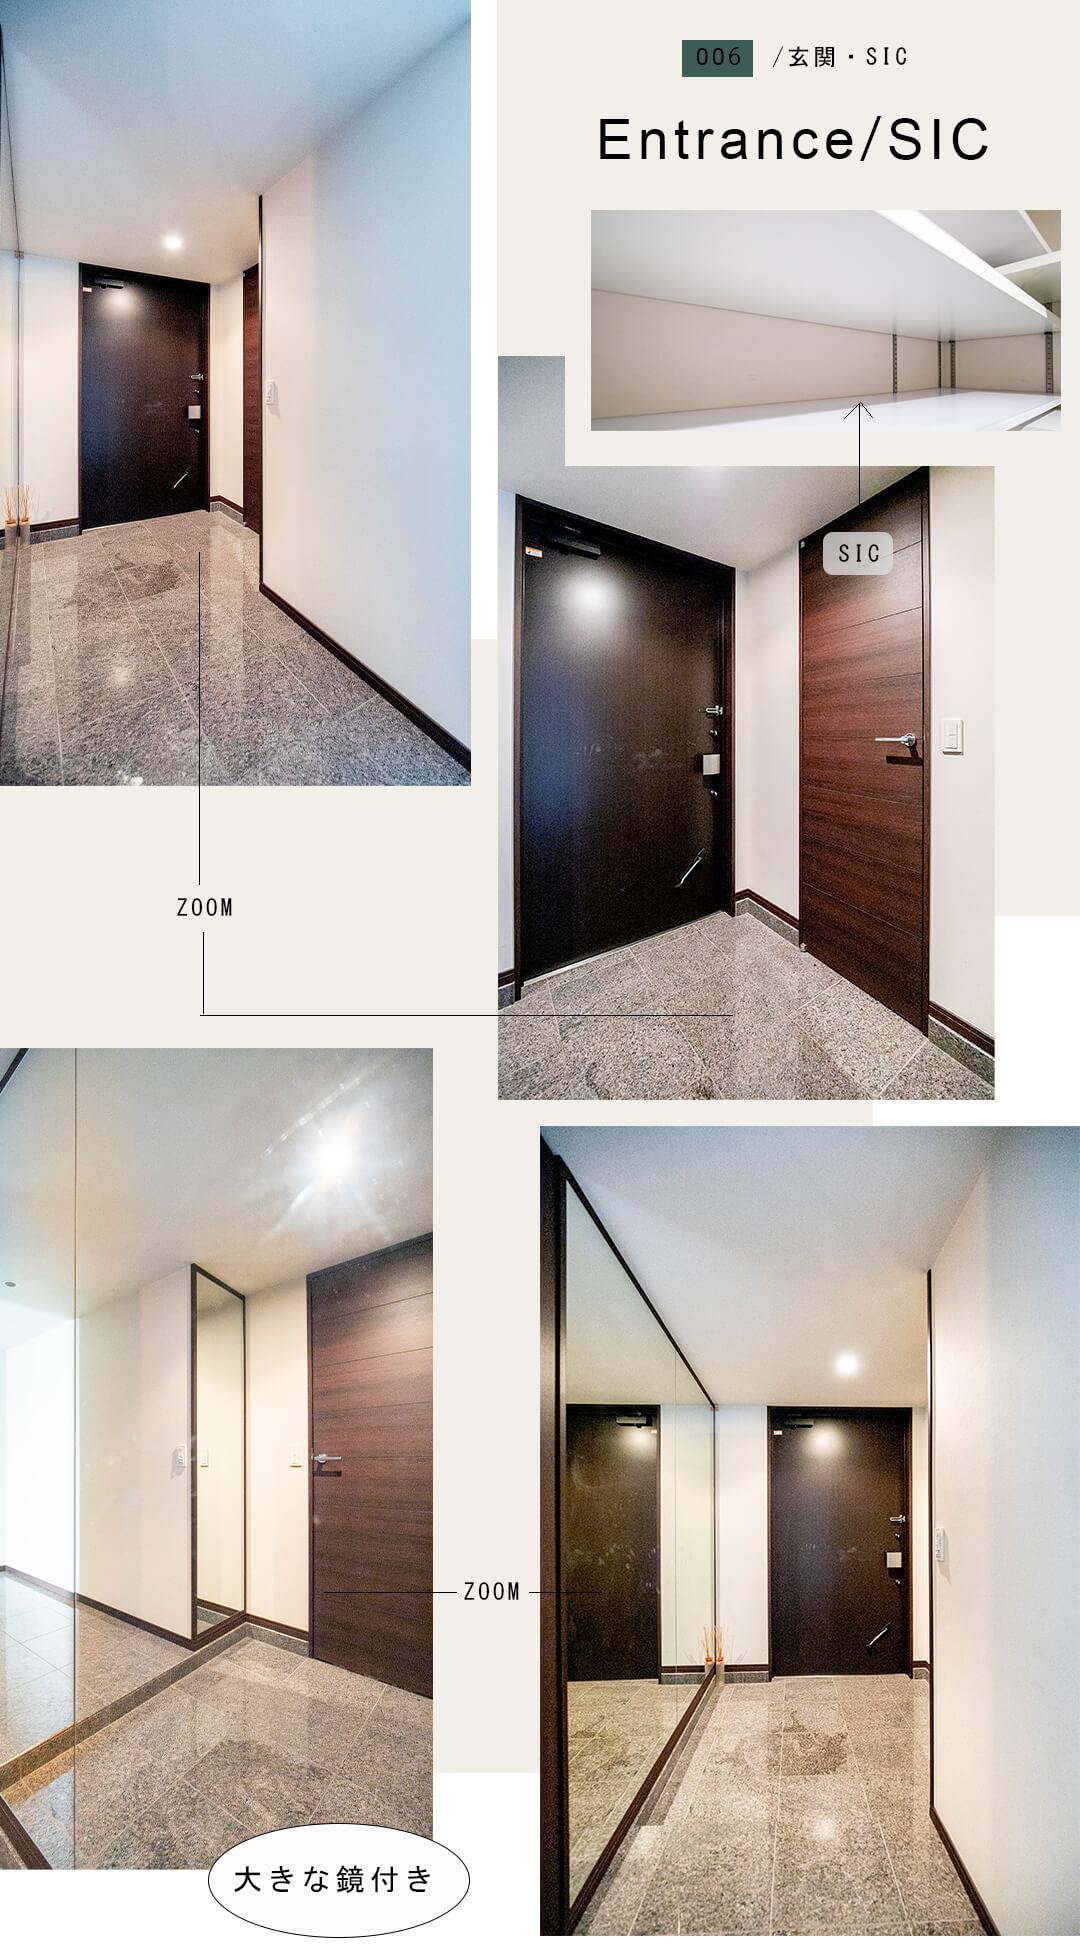 006玄関,SIC,Entrance